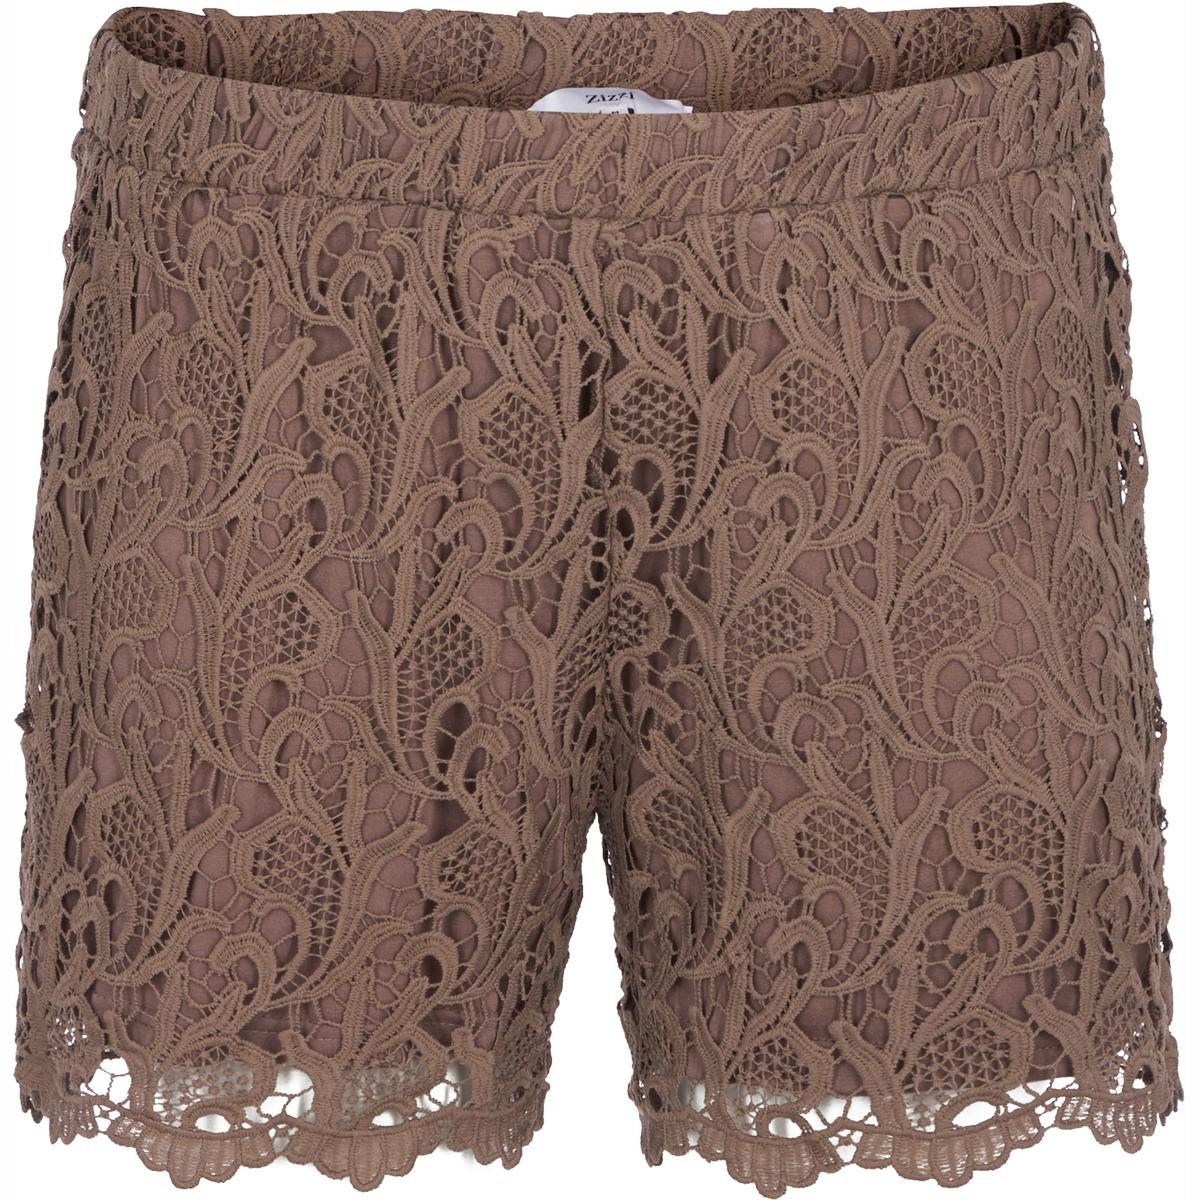 ШортыШорты ZIZZI. Красивые кружевные шорты. Свободный и комфортный покрой, эластичный пояс. 100% полиэстер<br><br>Цвет: темно-бежевый<br>Размер: 46/48 (FR) - 52/54 (RUS)